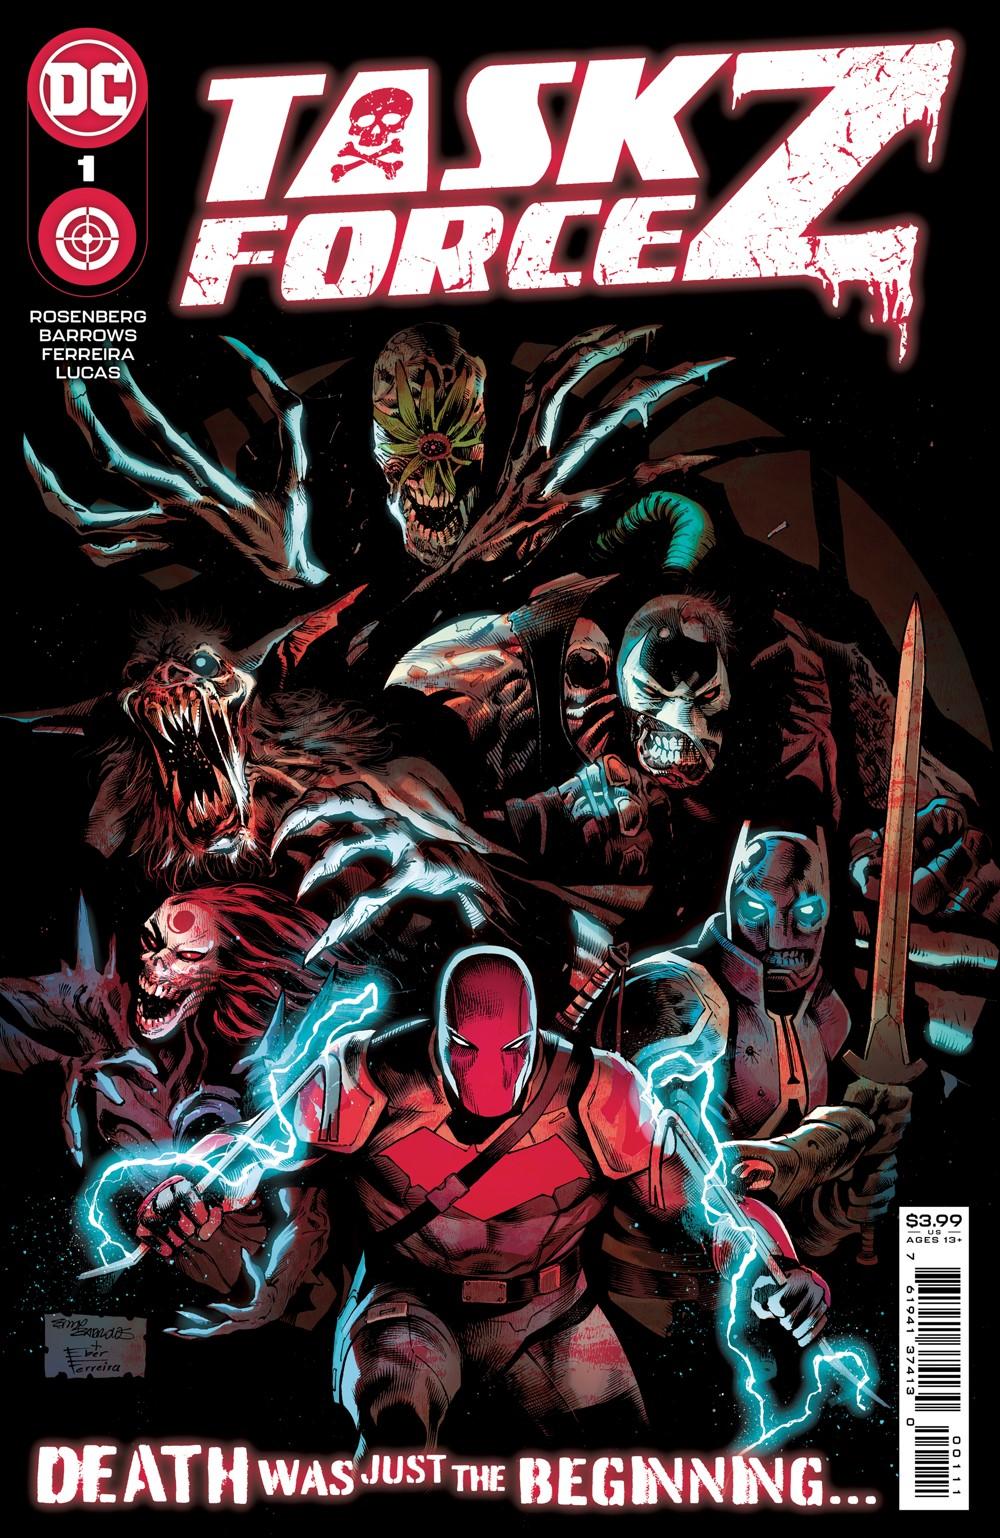 TFZ_Cv1_00111 DC Comics October 2021 Solicitations